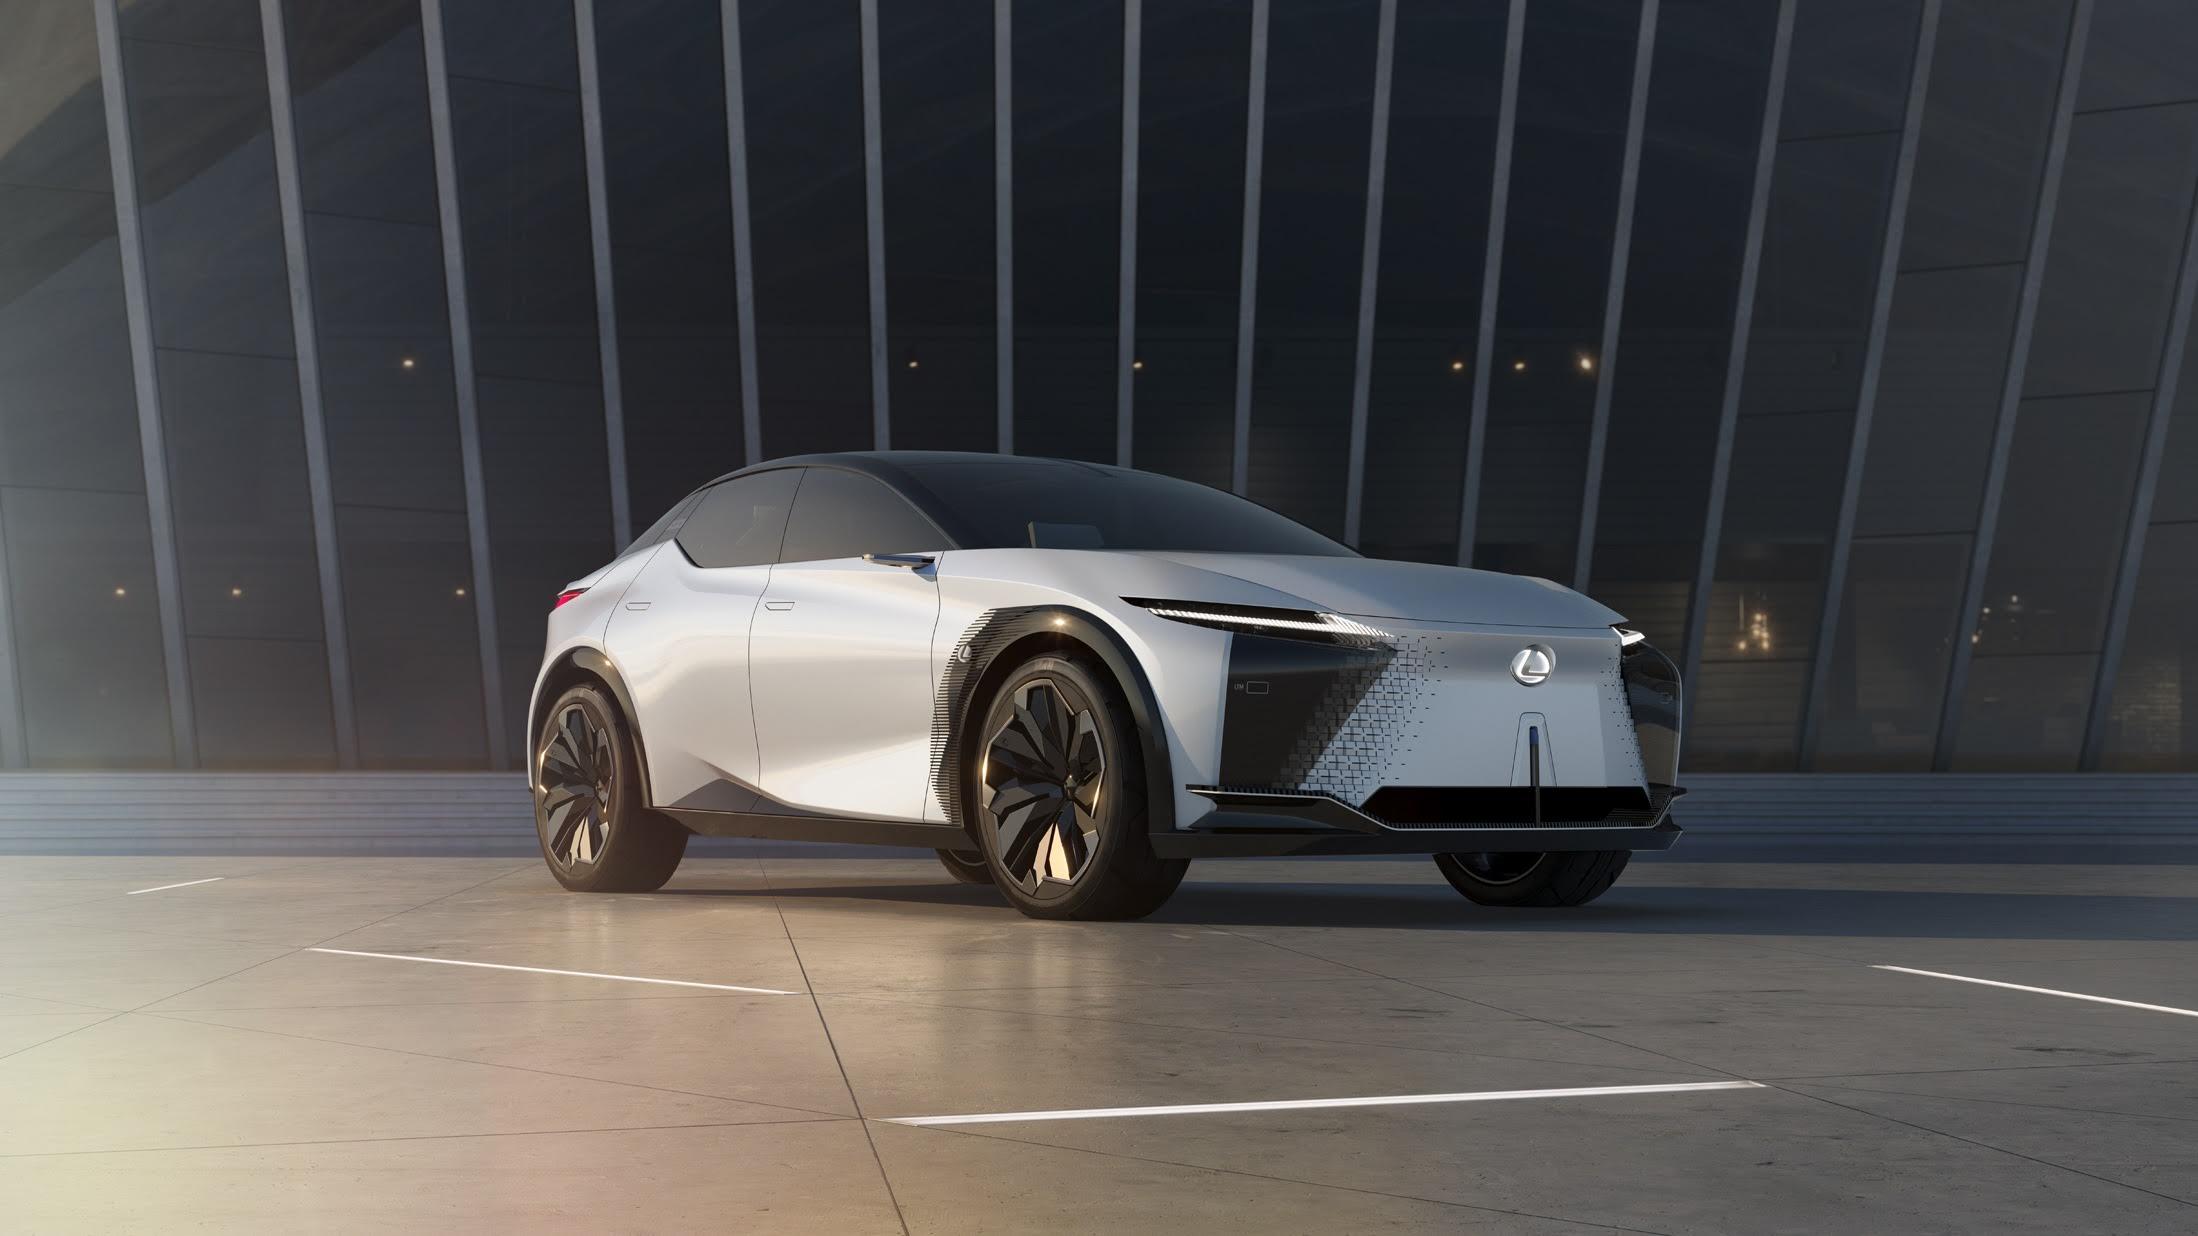 Lexus Yeni Elektrikli Konsept Aracı LF-Z Electrified 'ı Tanıttı -  TeknoSafari